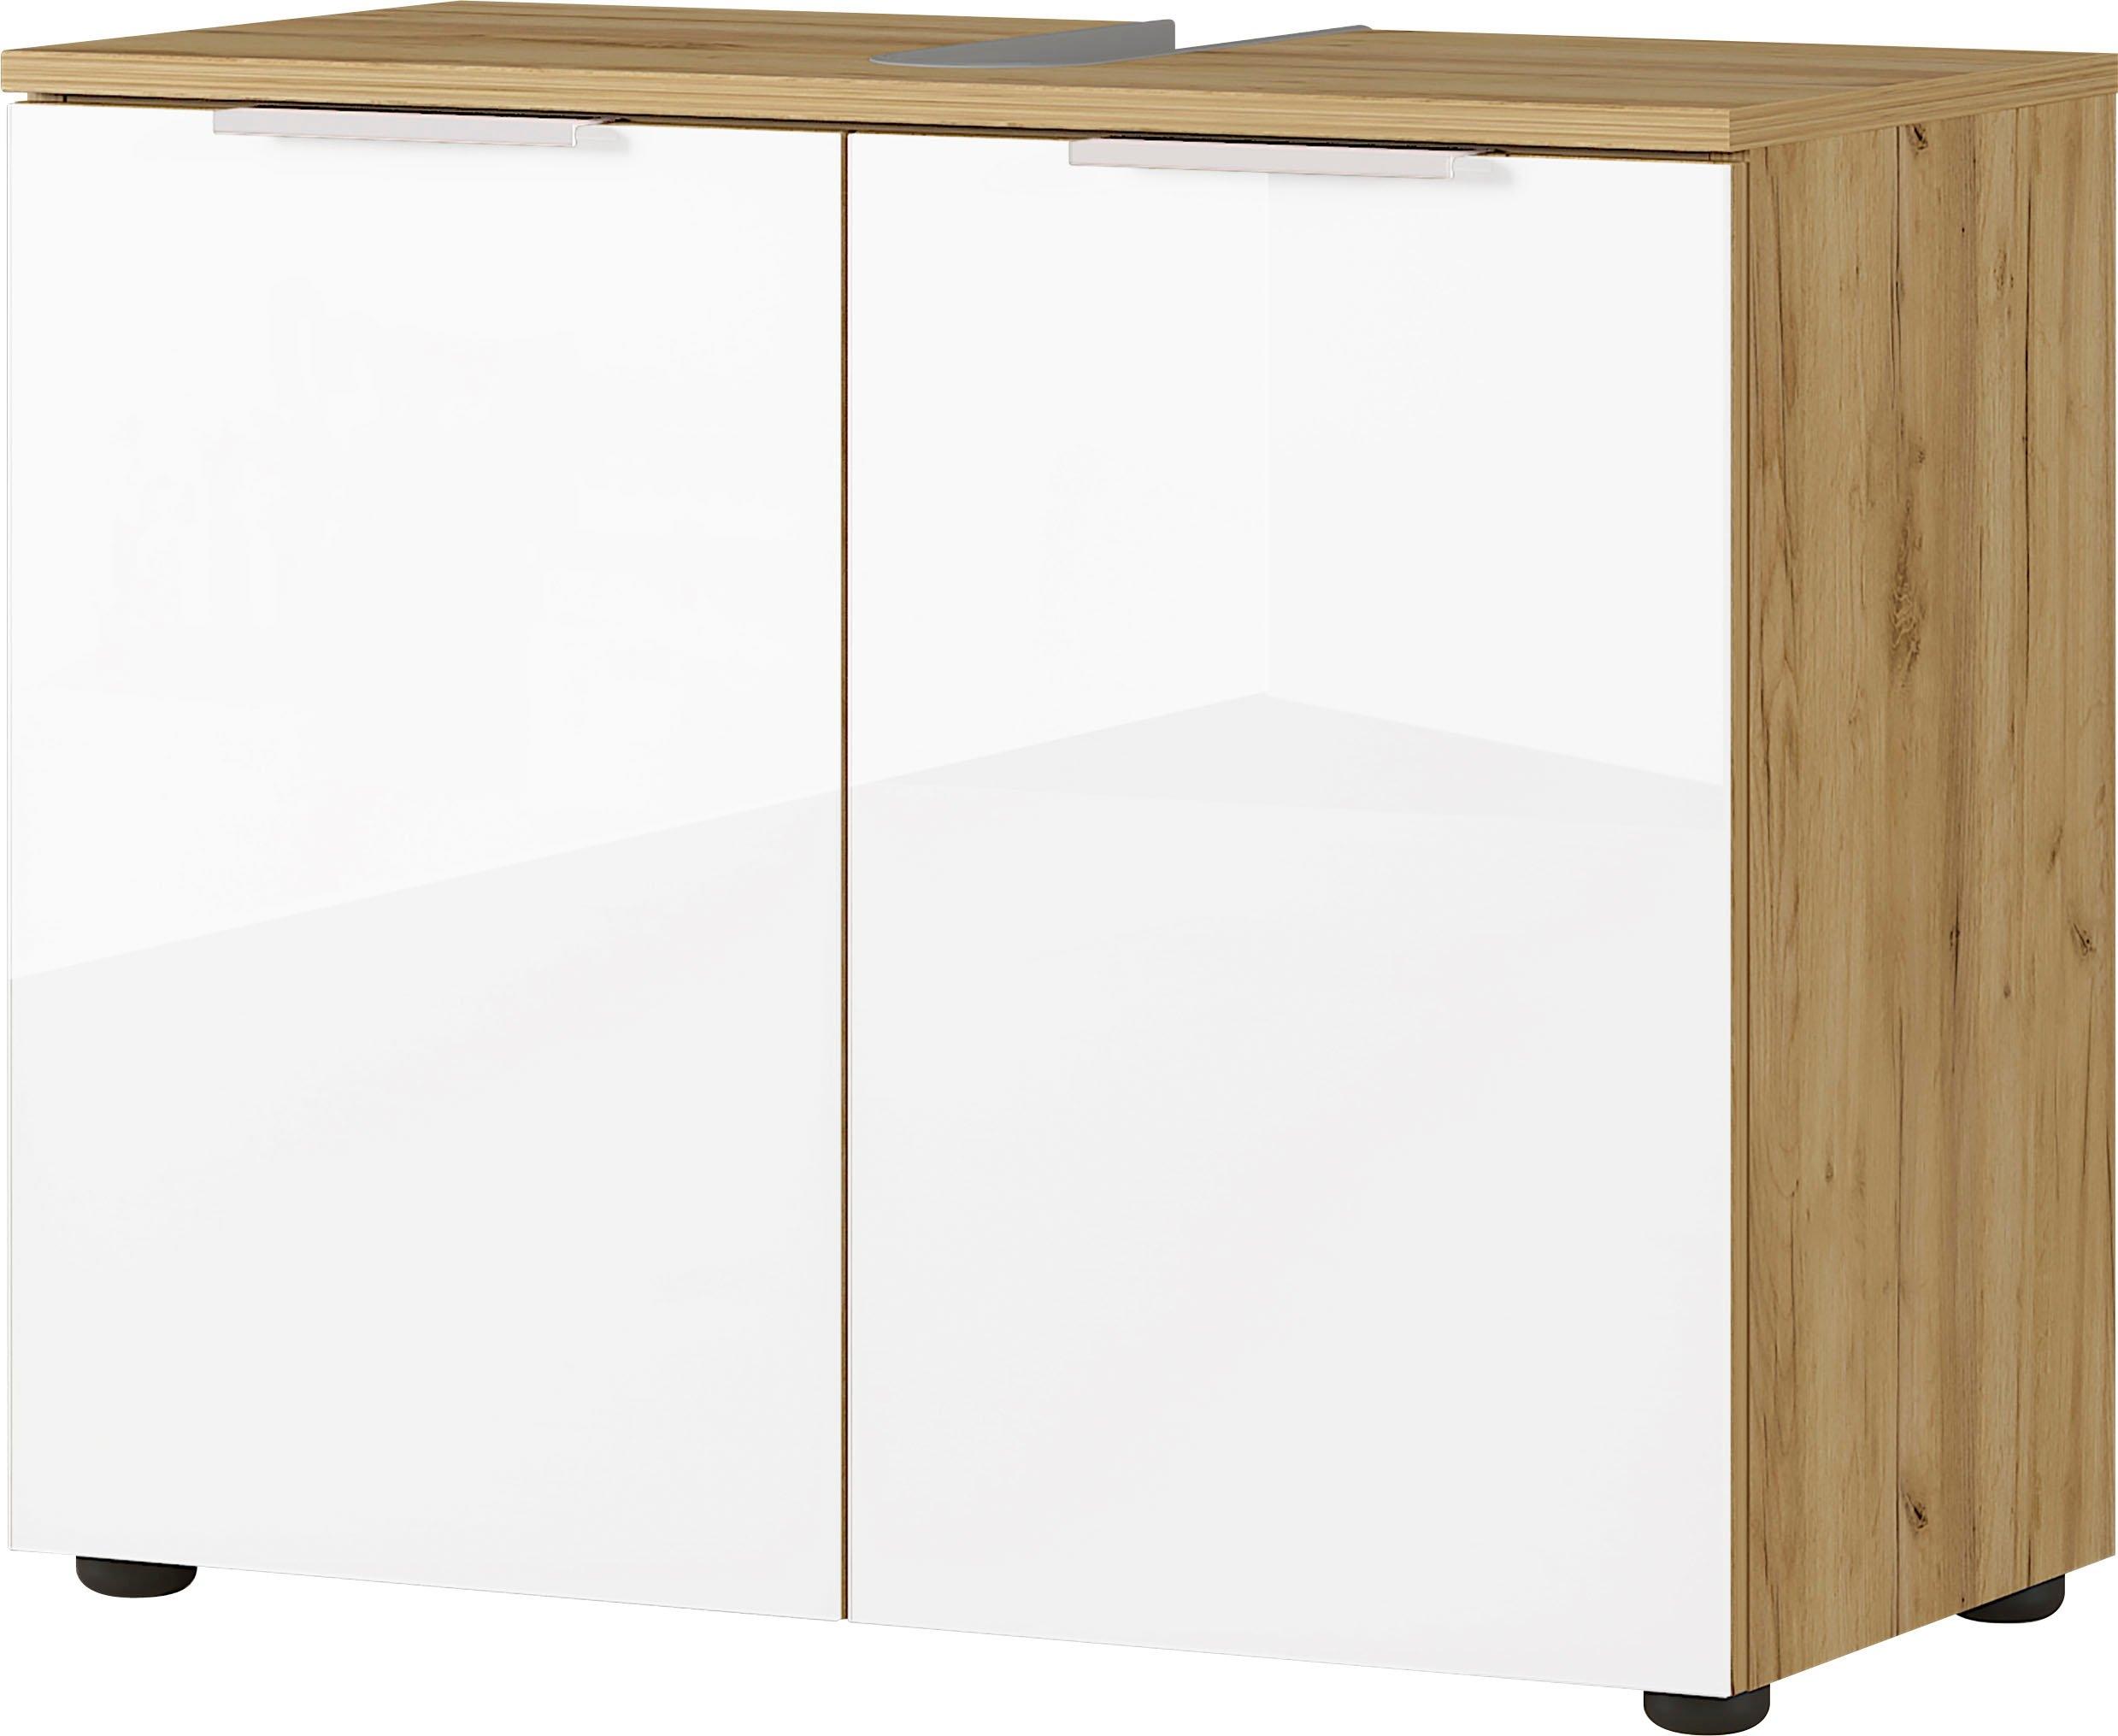 GERMANIA wastafelonderkast Avino Breedte 70 cm, glazen fronten, soft-closefunctie nu online bestellen